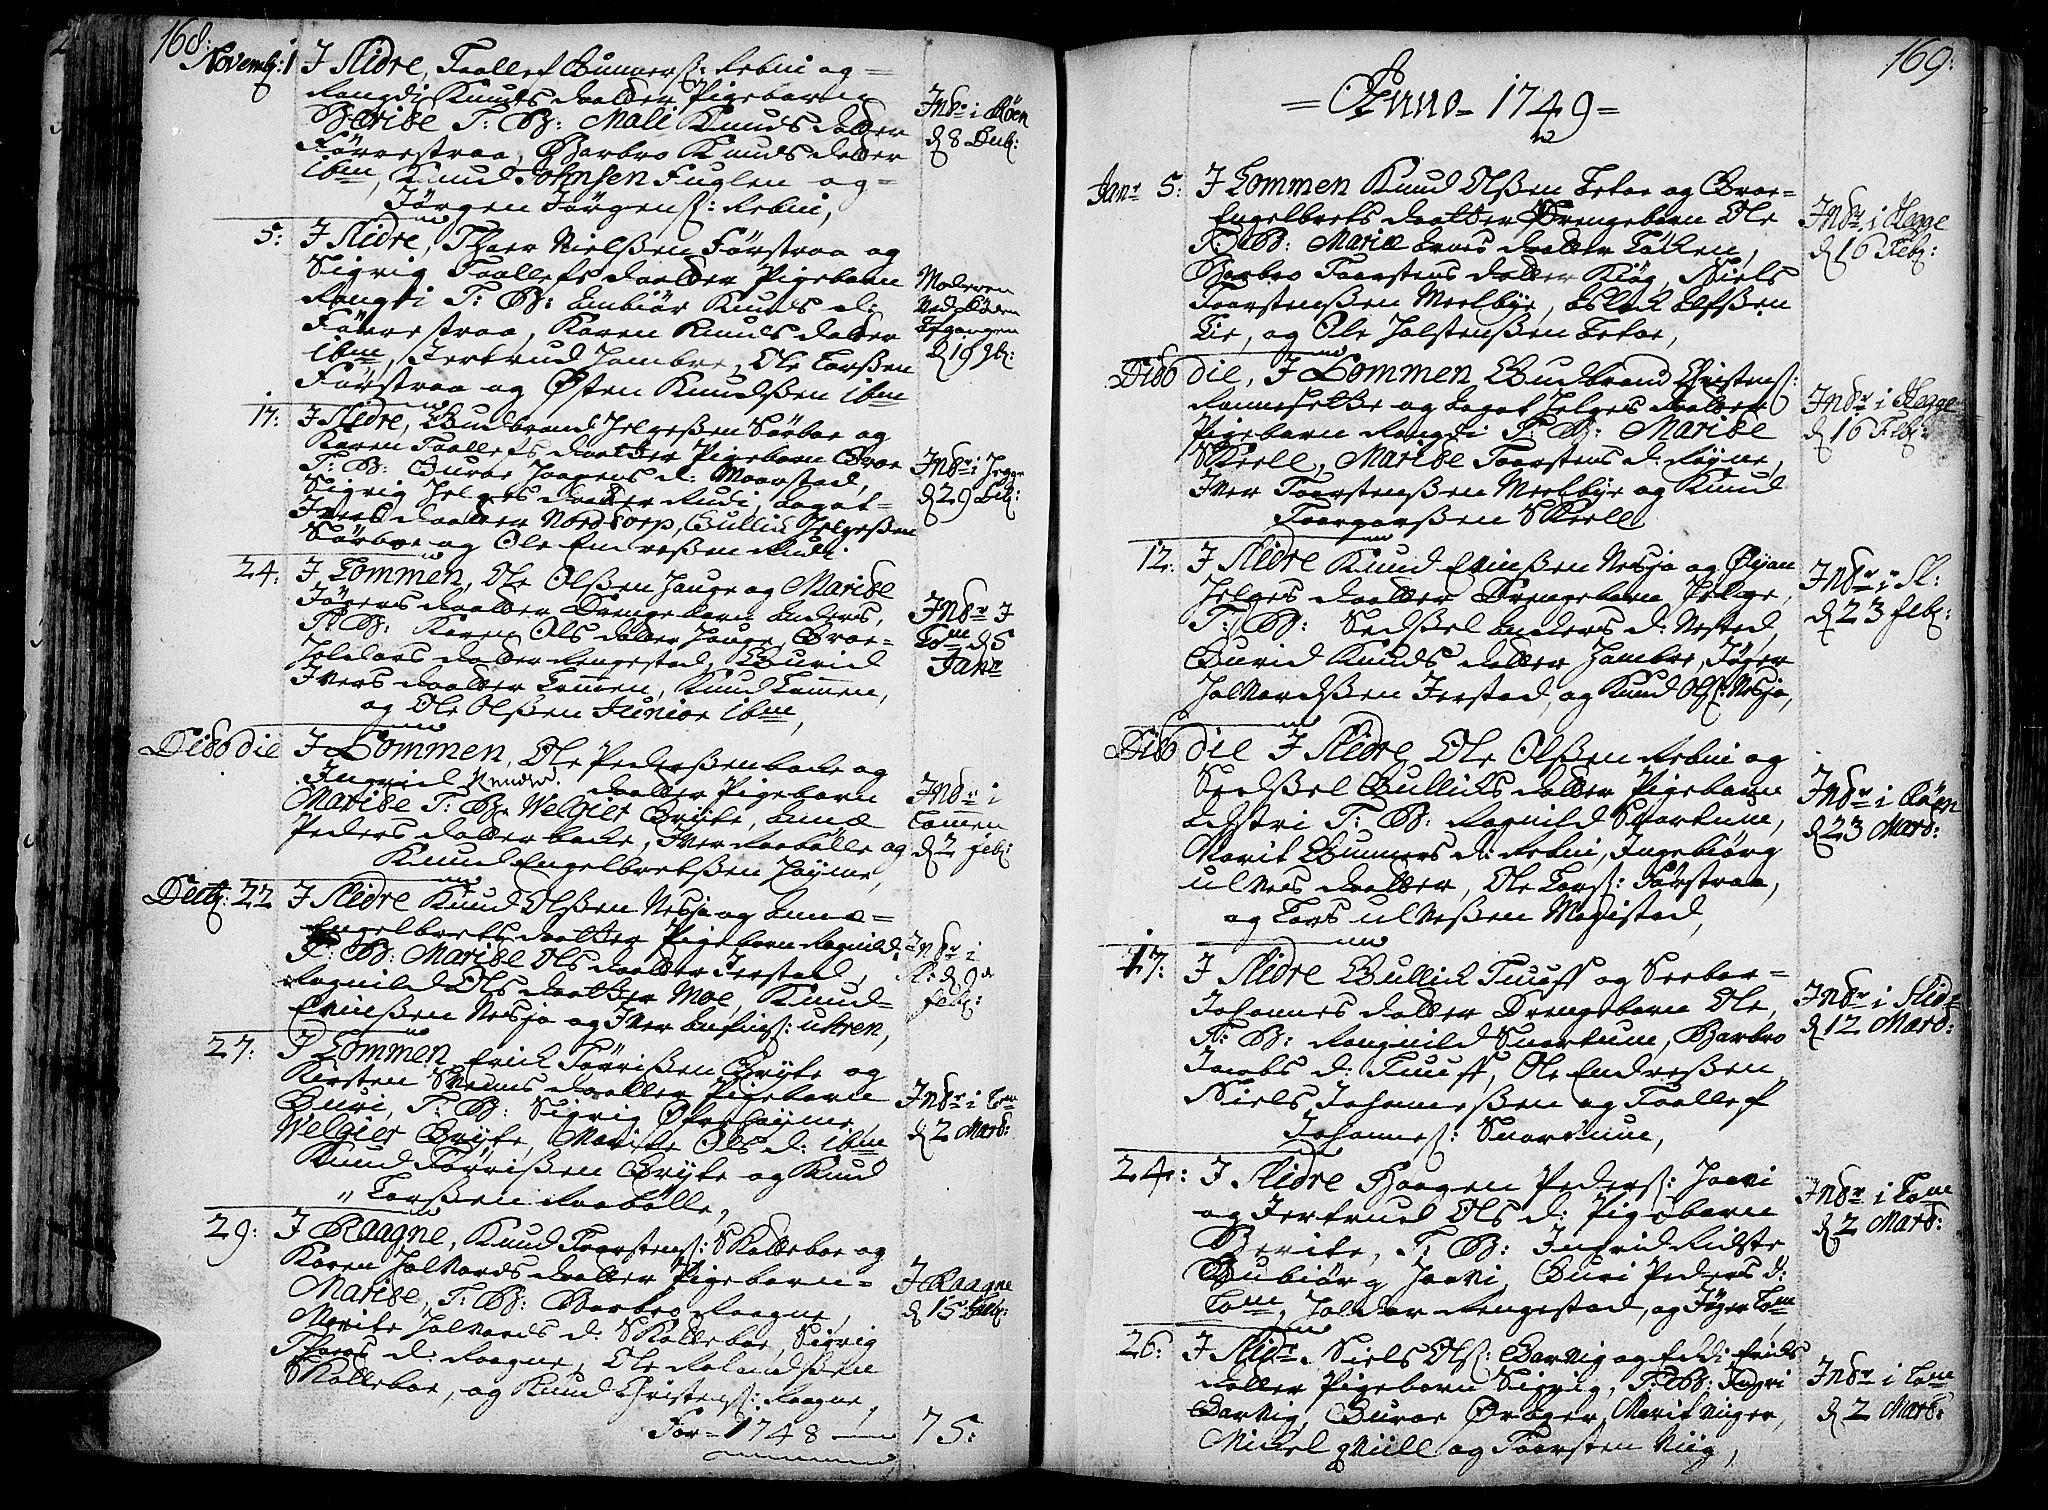 SAH, Slidre prestekontor, Ministerialbok nr. 1, 1724-1814, s. 168-169